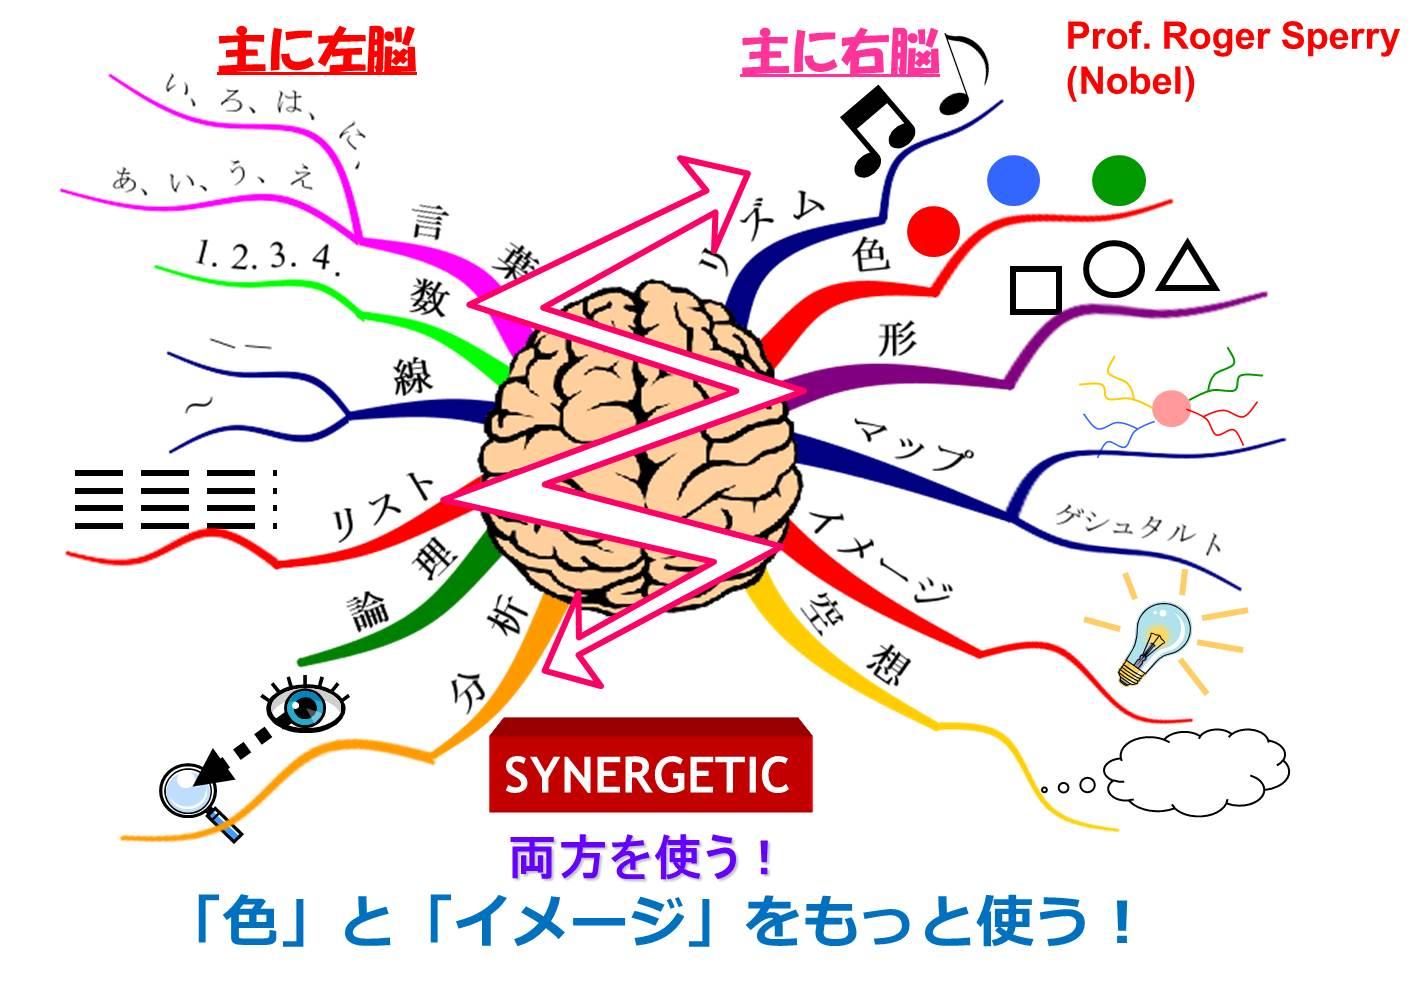 両方の脳を同時に鍛えるマインドマップ